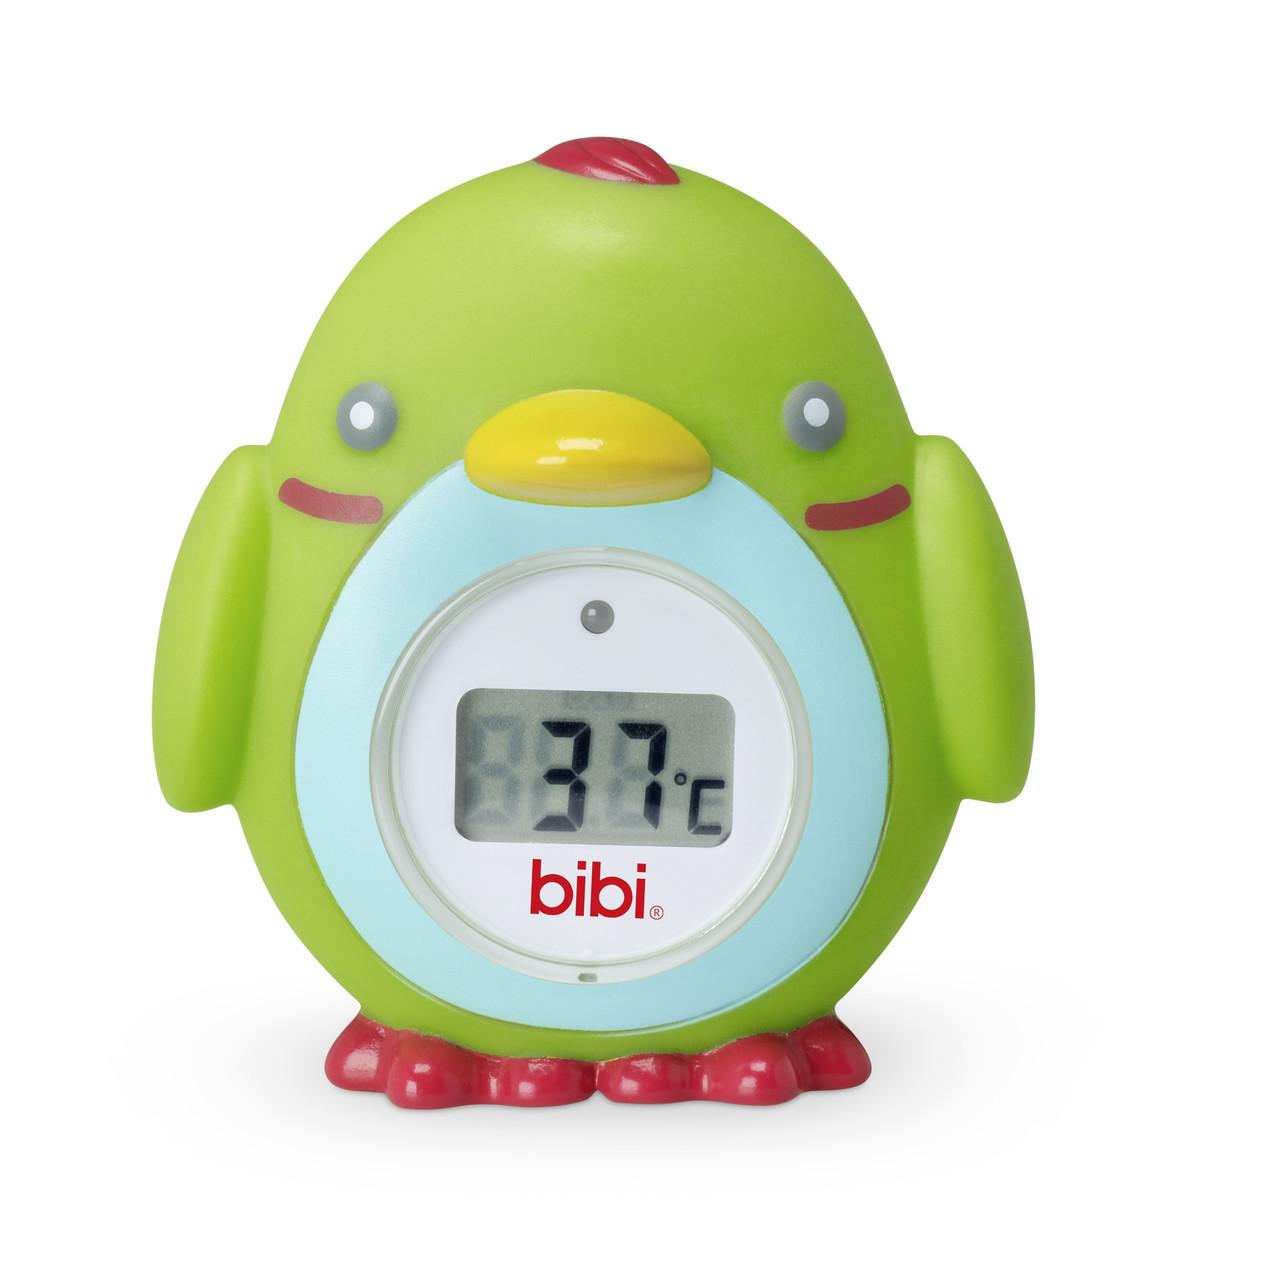 Bibi - Детский цифровой термометр для ванной и комнаты